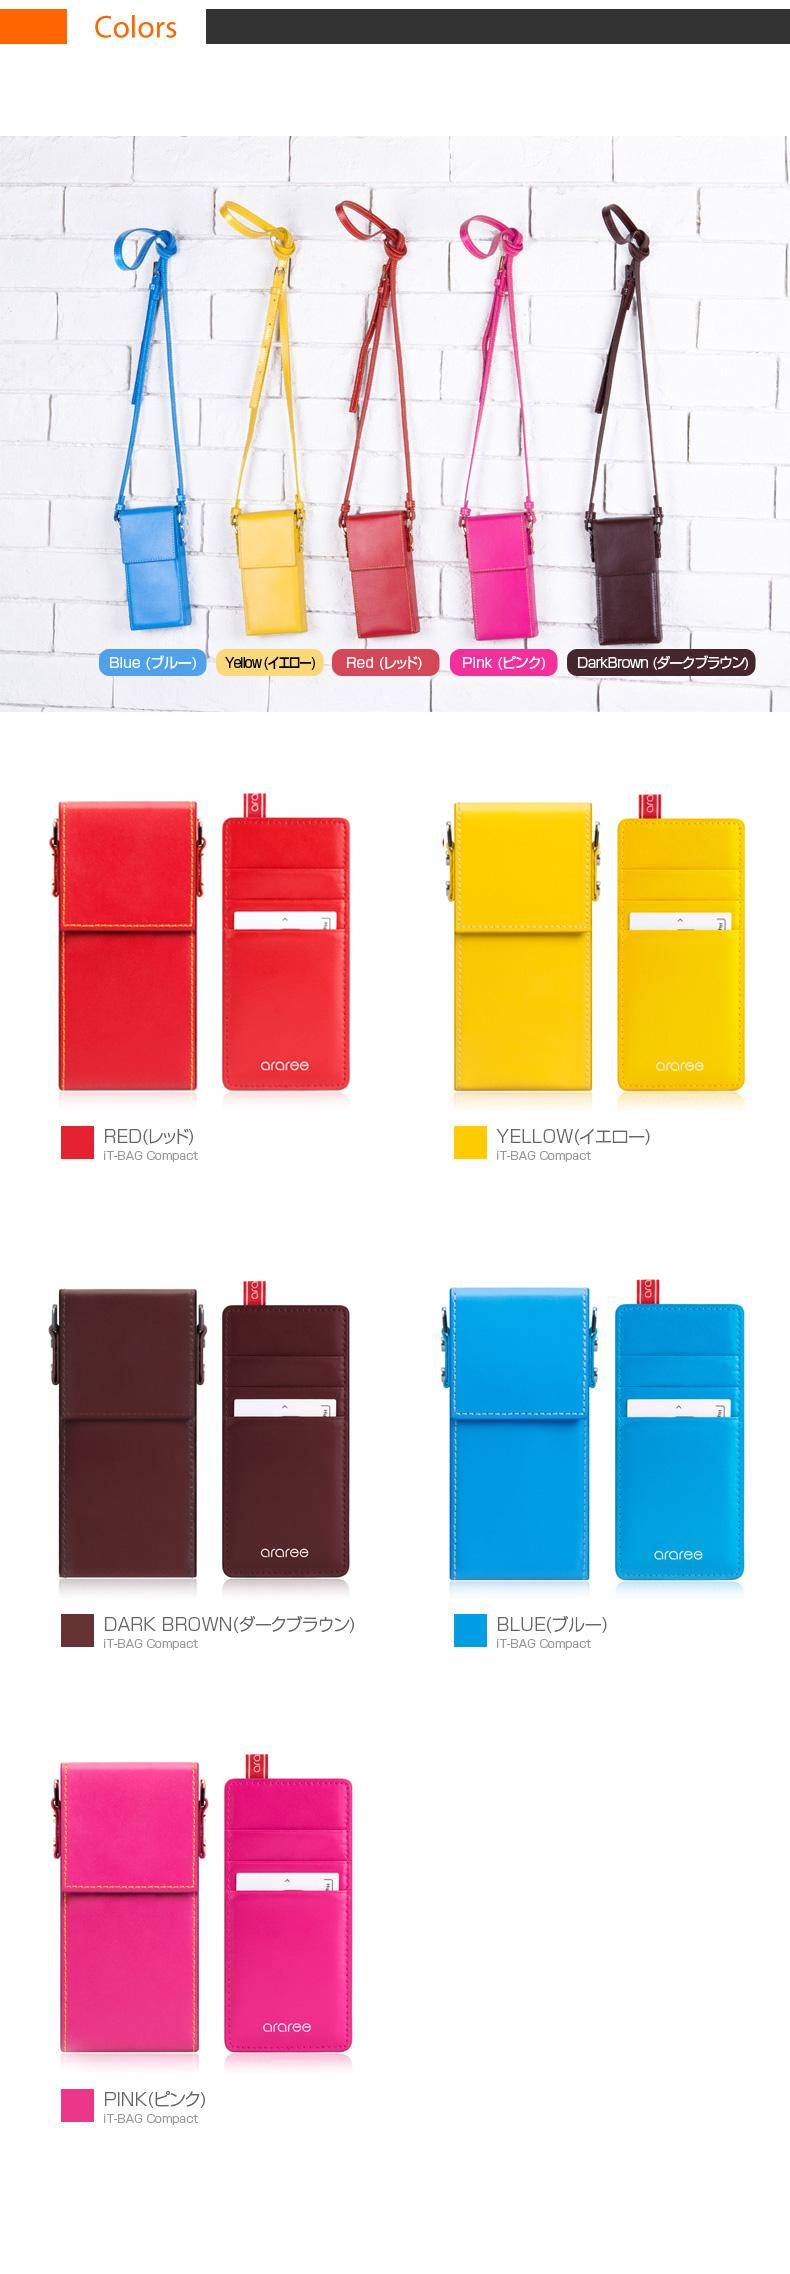 カラーバリエーション iPhone5/5s ケースiT-BAG Compact(アイティーバッグ コンパクト)※対応機種:iPhone5/5s, Galaxy S3/S4, nexus, Opimus G2